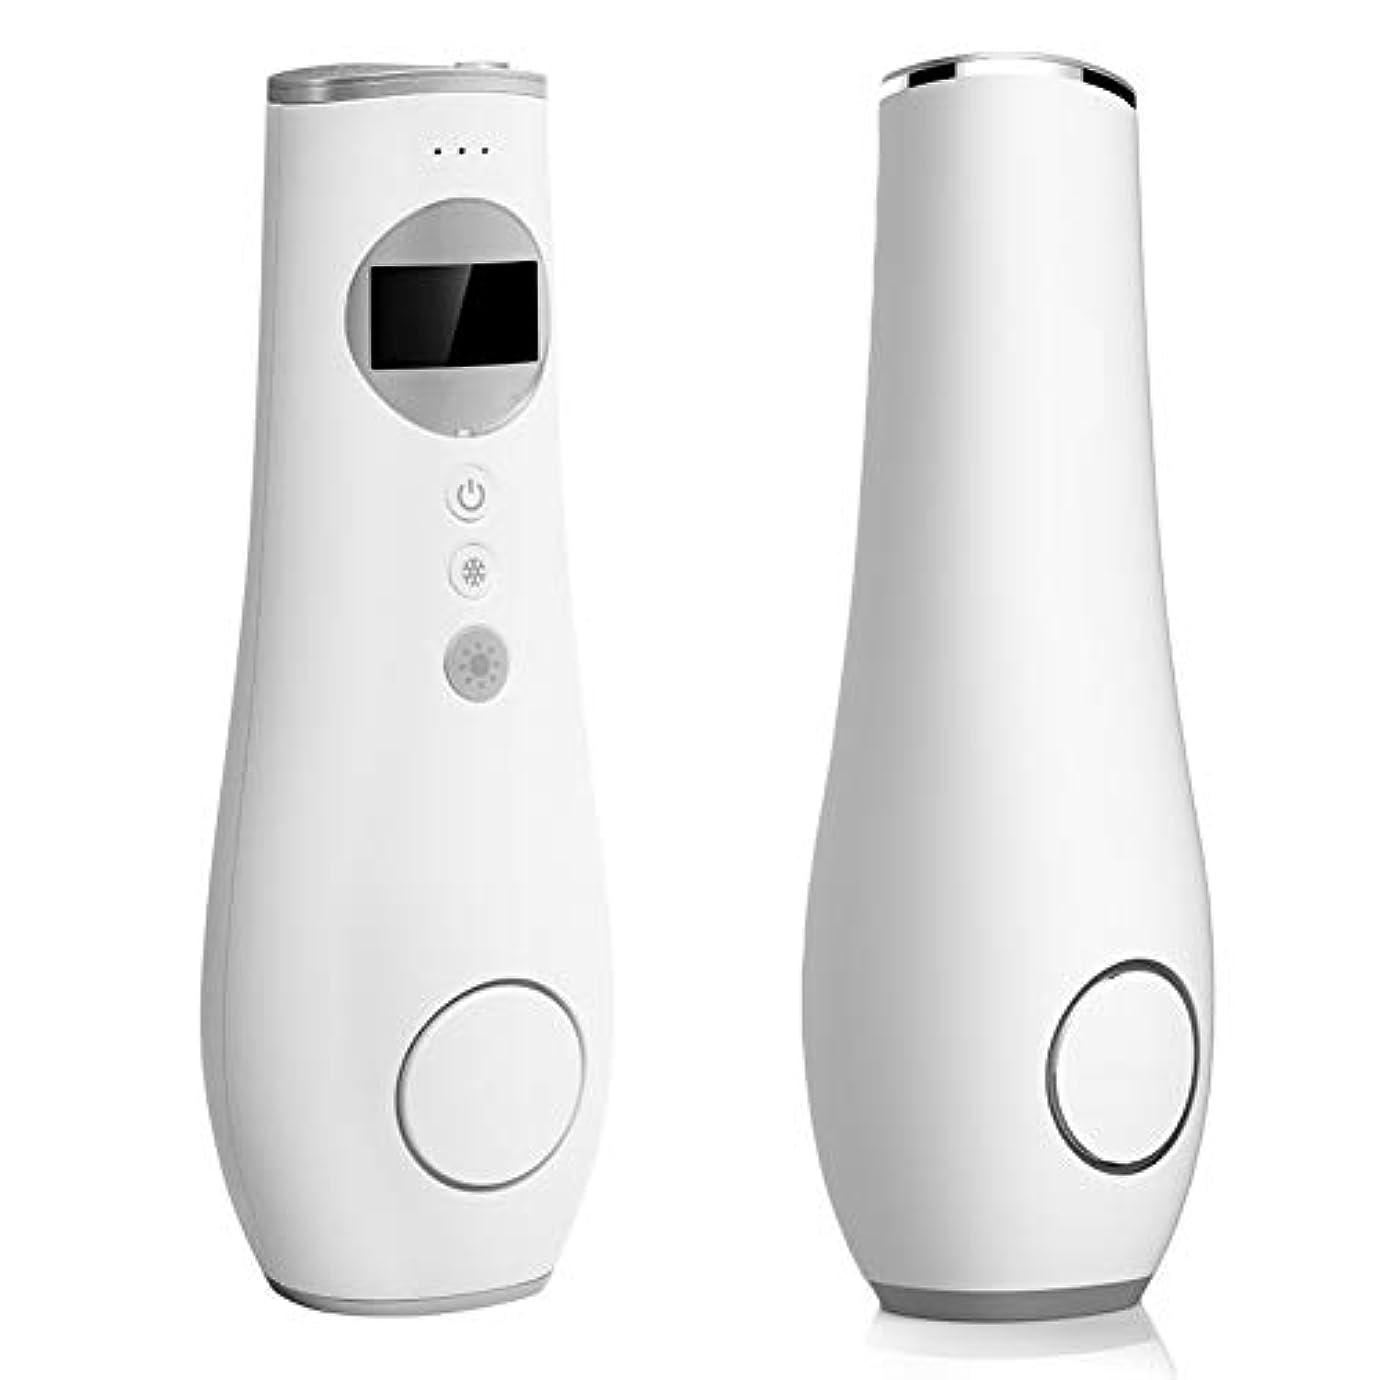 怠感可能ネーピア光美容機、3 in 1 IPL 400,000フラッシュフェイシャルボディ痛みのないレーザー脱毛器冷却ケアにきび若返りビキニトリマーホーム美容機器